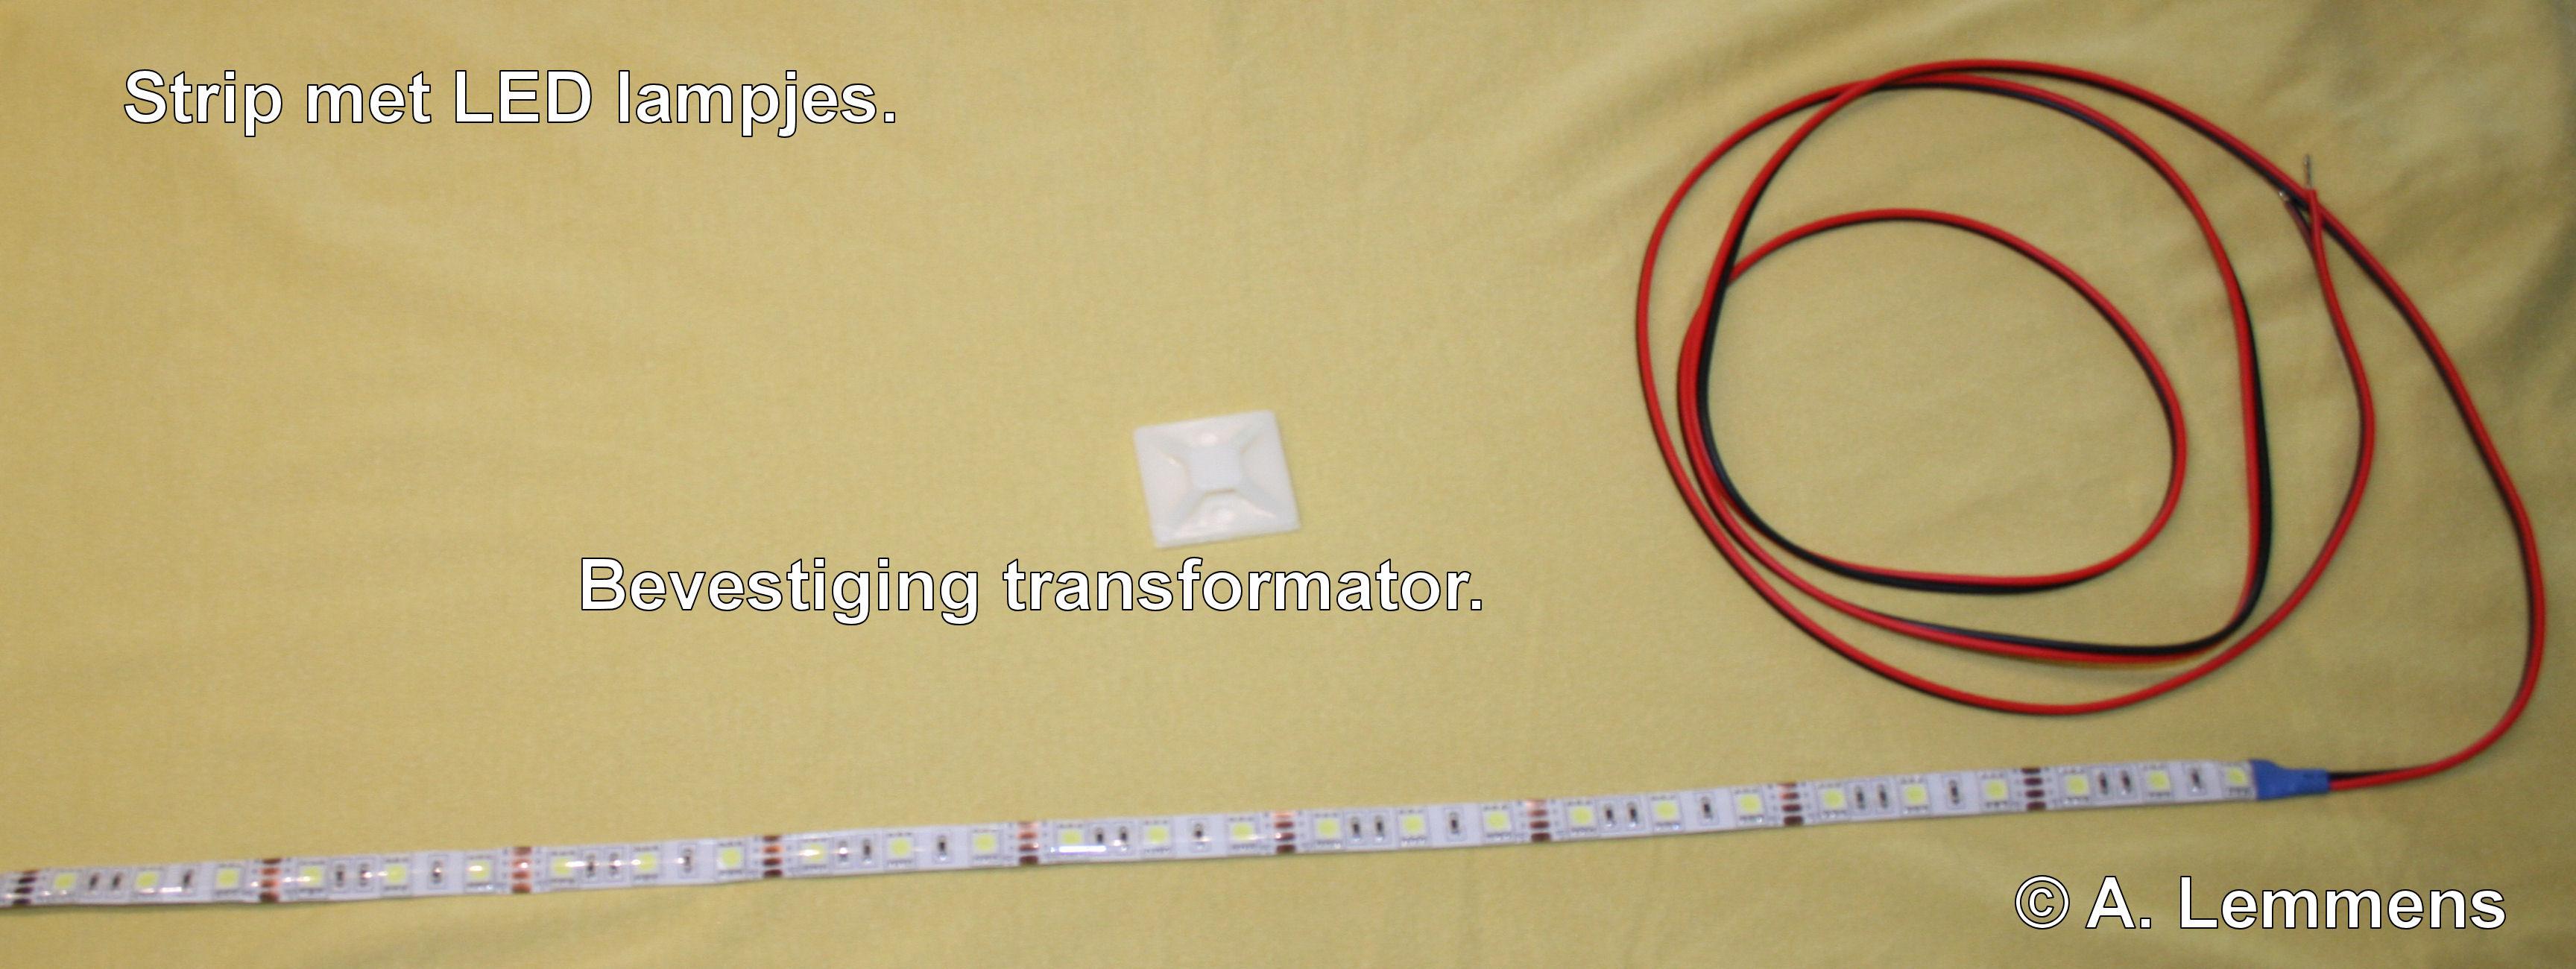 LEDdiodeninkweekboxenfoto